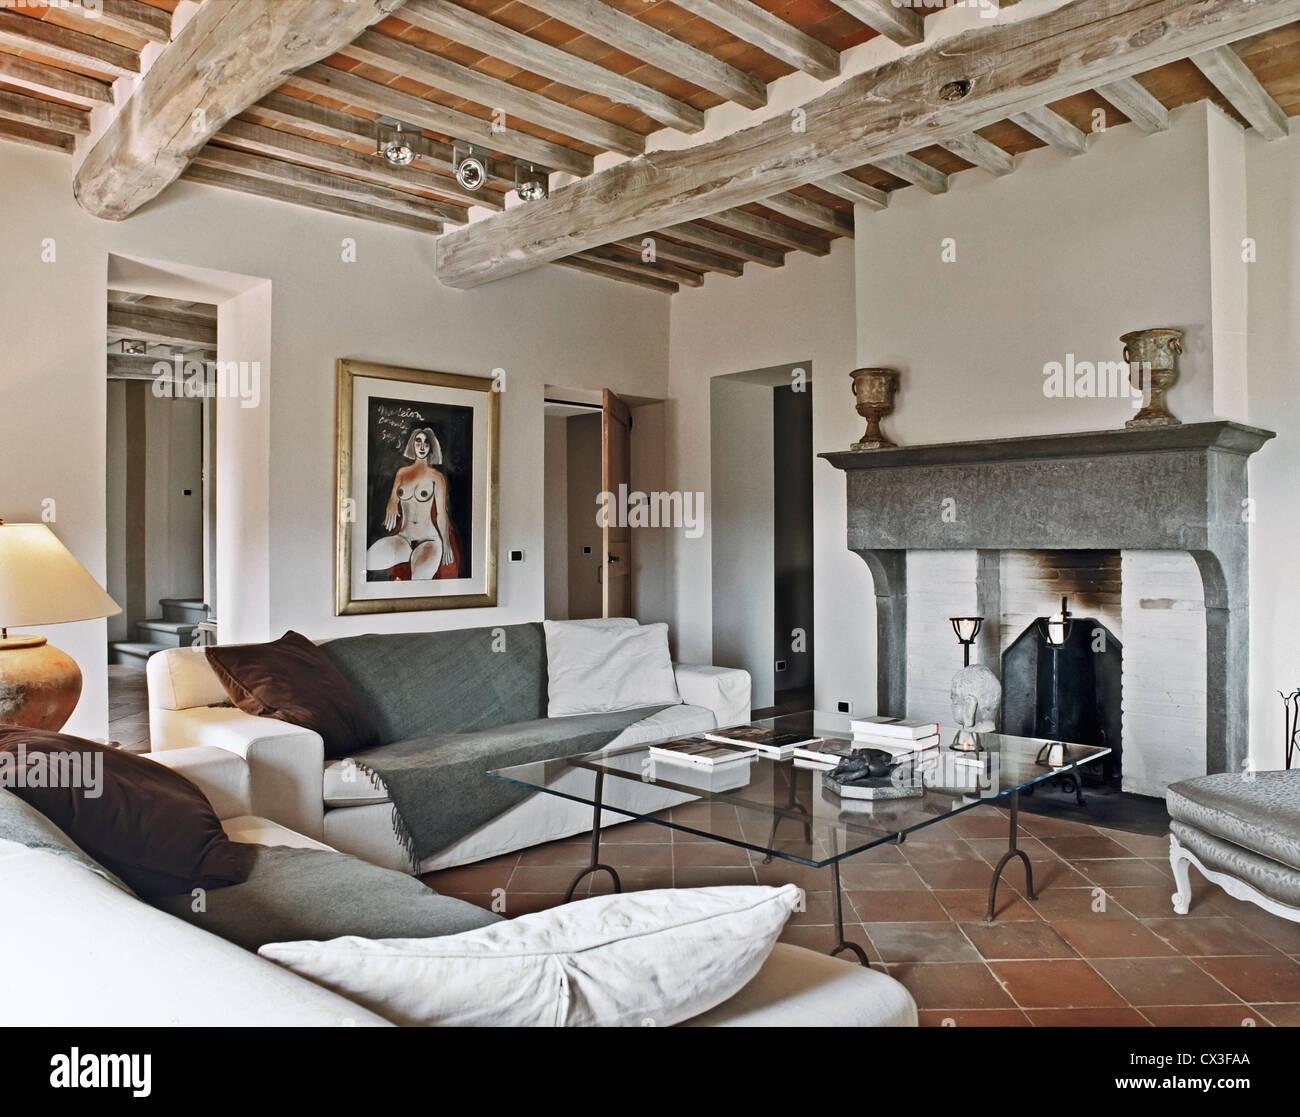 Fesselnd Rustikales Wohnzimmer Mit Kamin Und Terrakotta Fliesen